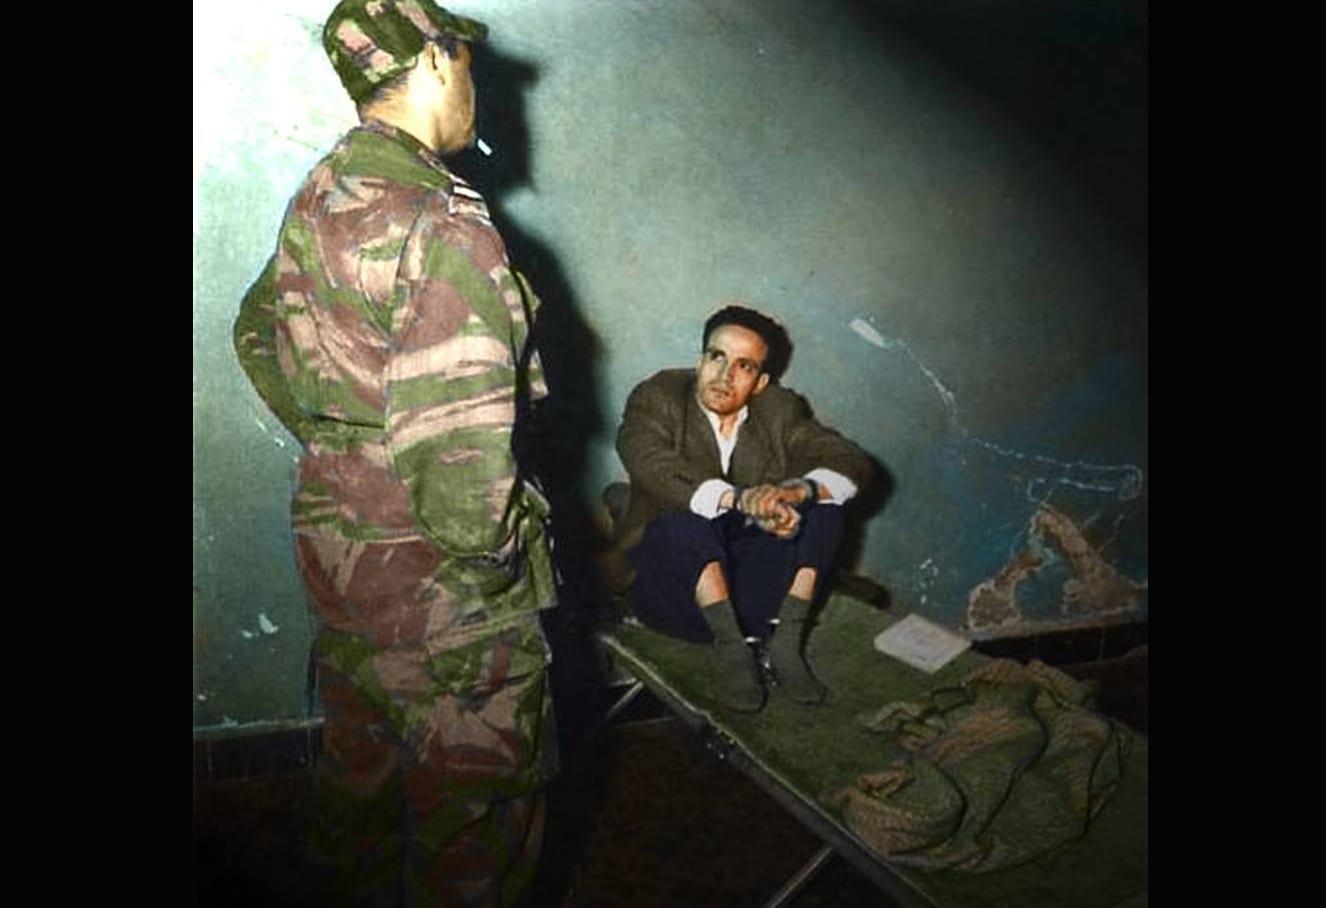 العربي بن مهيدي: مجاهد جزائري أشعل الثورة المسلحة ضد الاحتلال الفرنسي 5